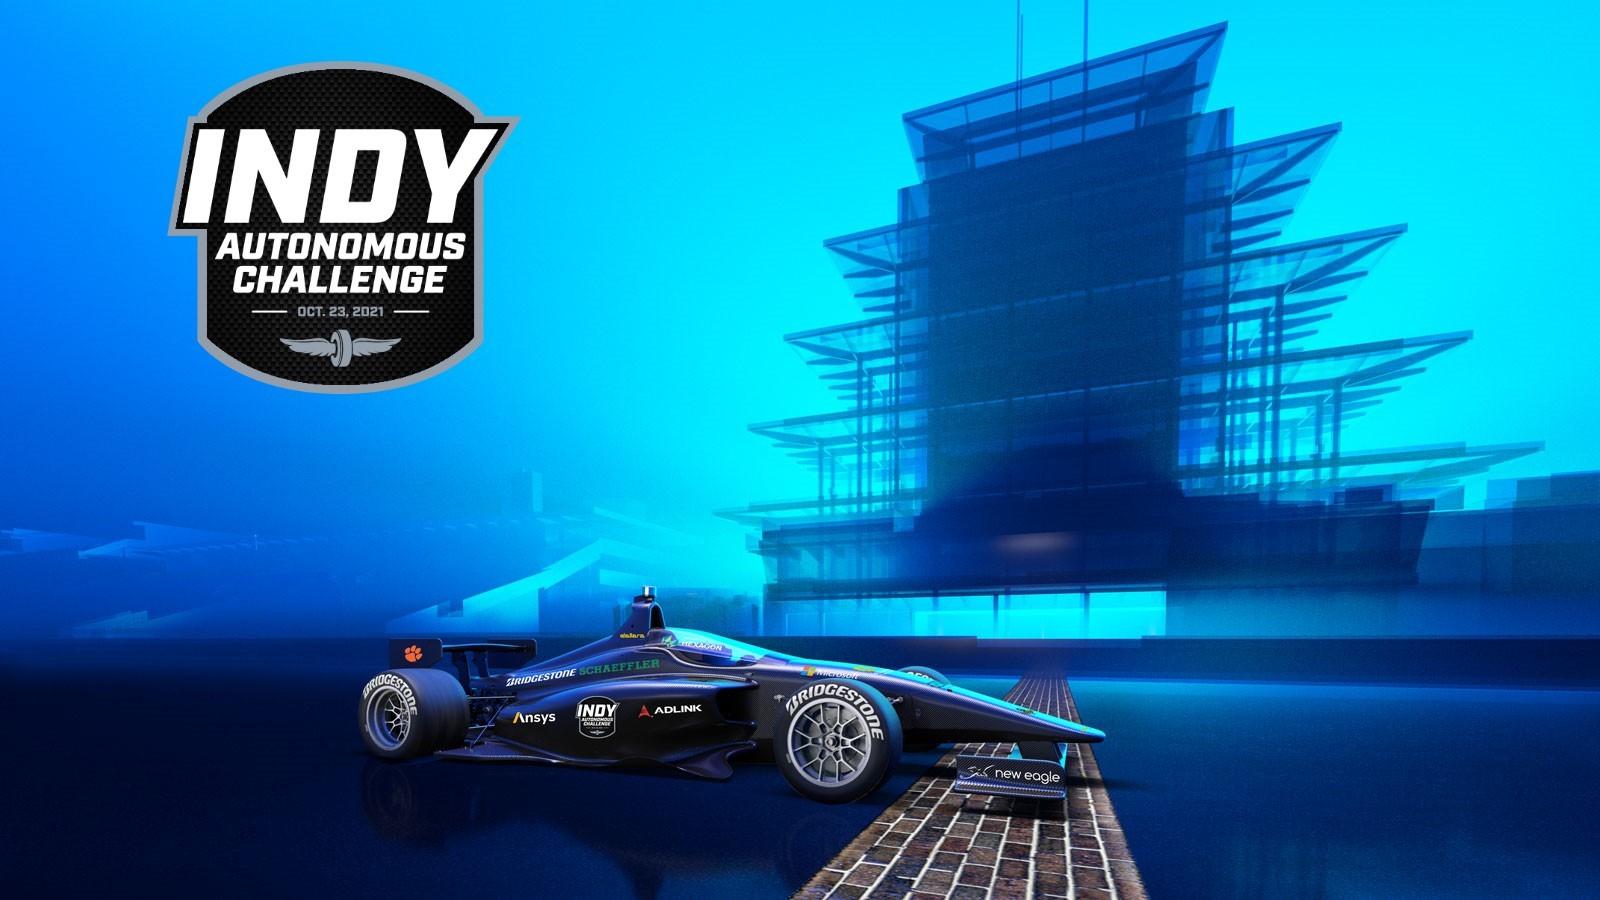 Indy-Autonomous-Challenge-5